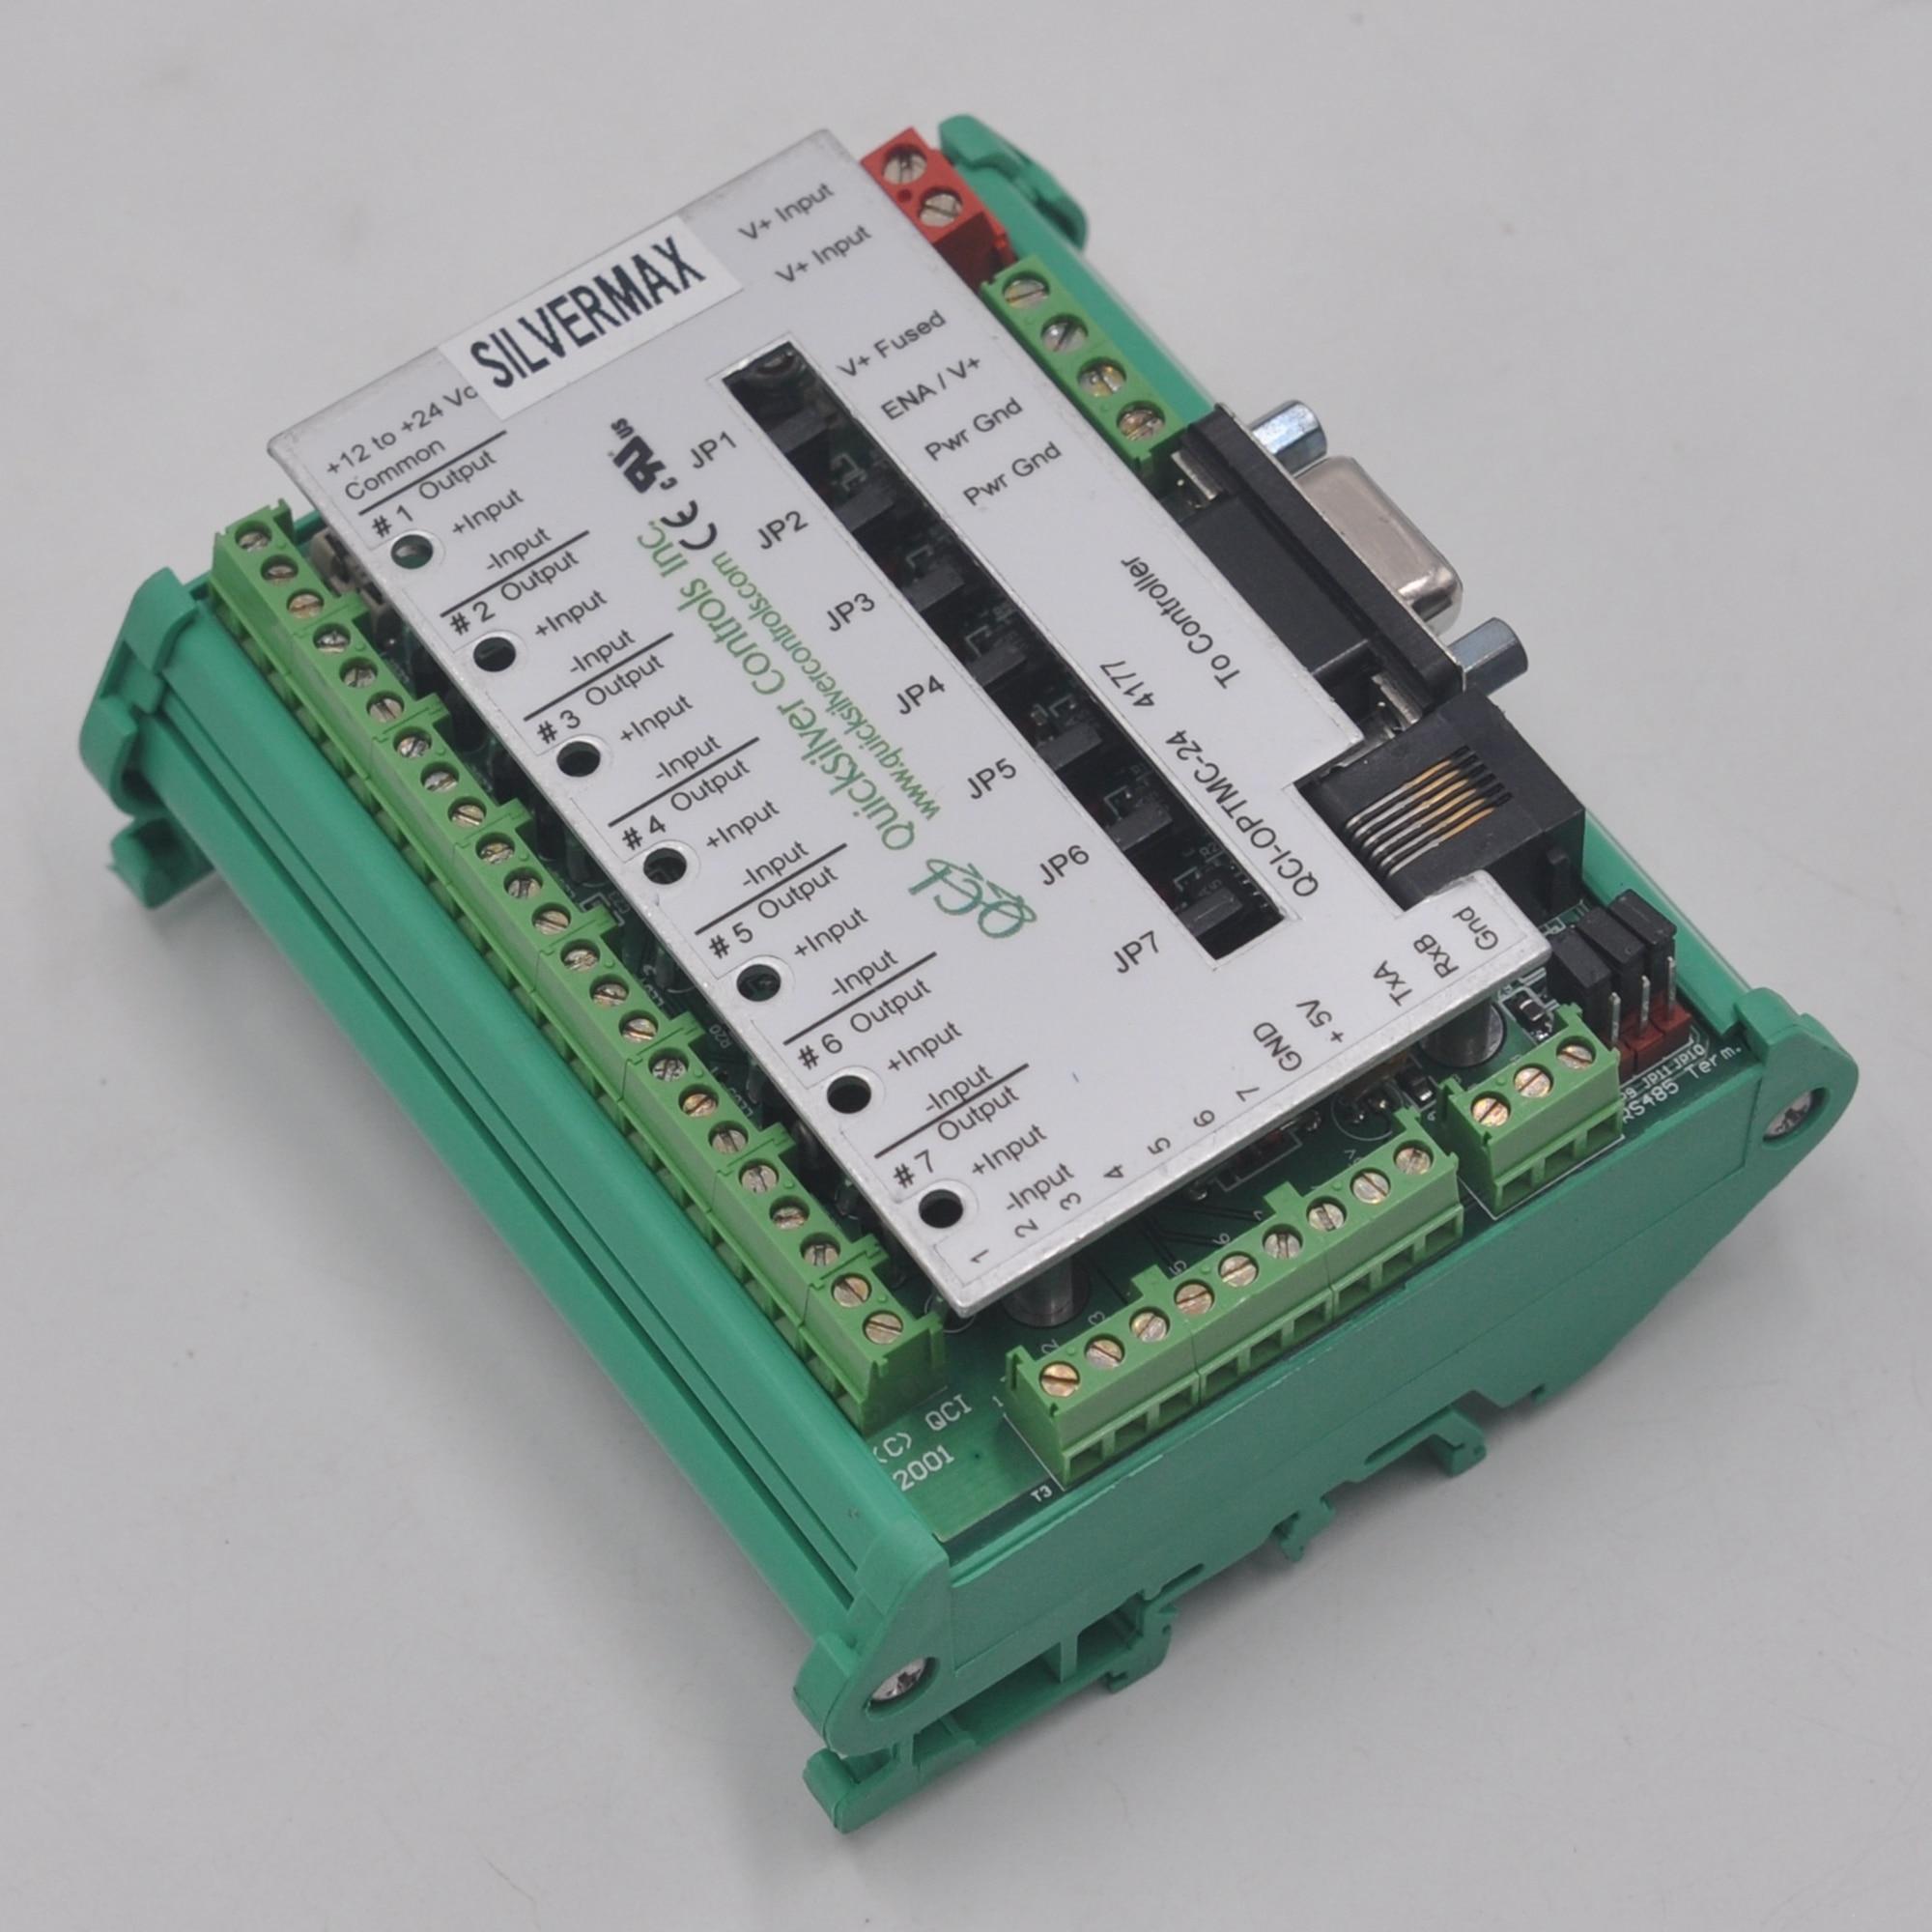 Quicksilver Controls Inc QCI-OPTMC-24 servo controller